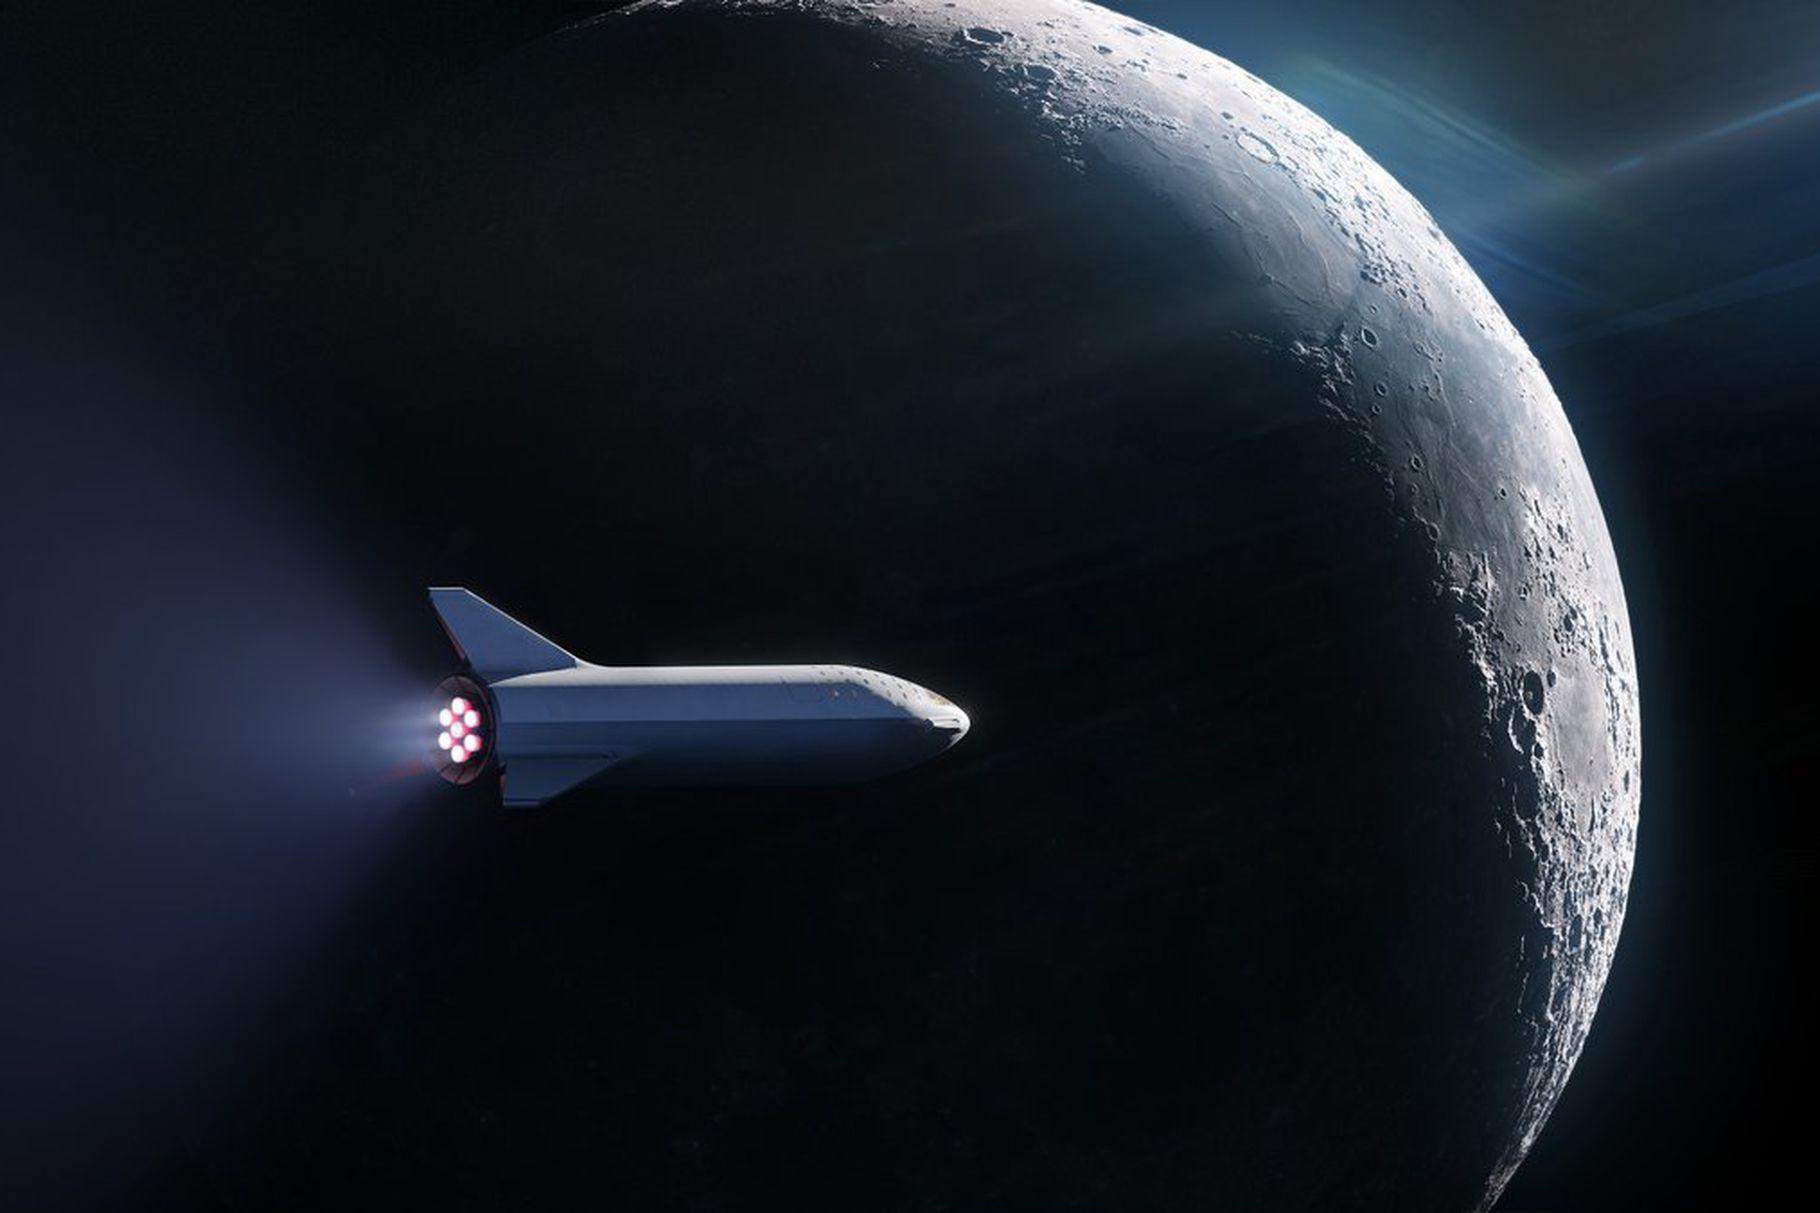 SpaceX organizuje turystyczną podróż dookoła Księżyca. Kto poleci jako pierwszy? 17